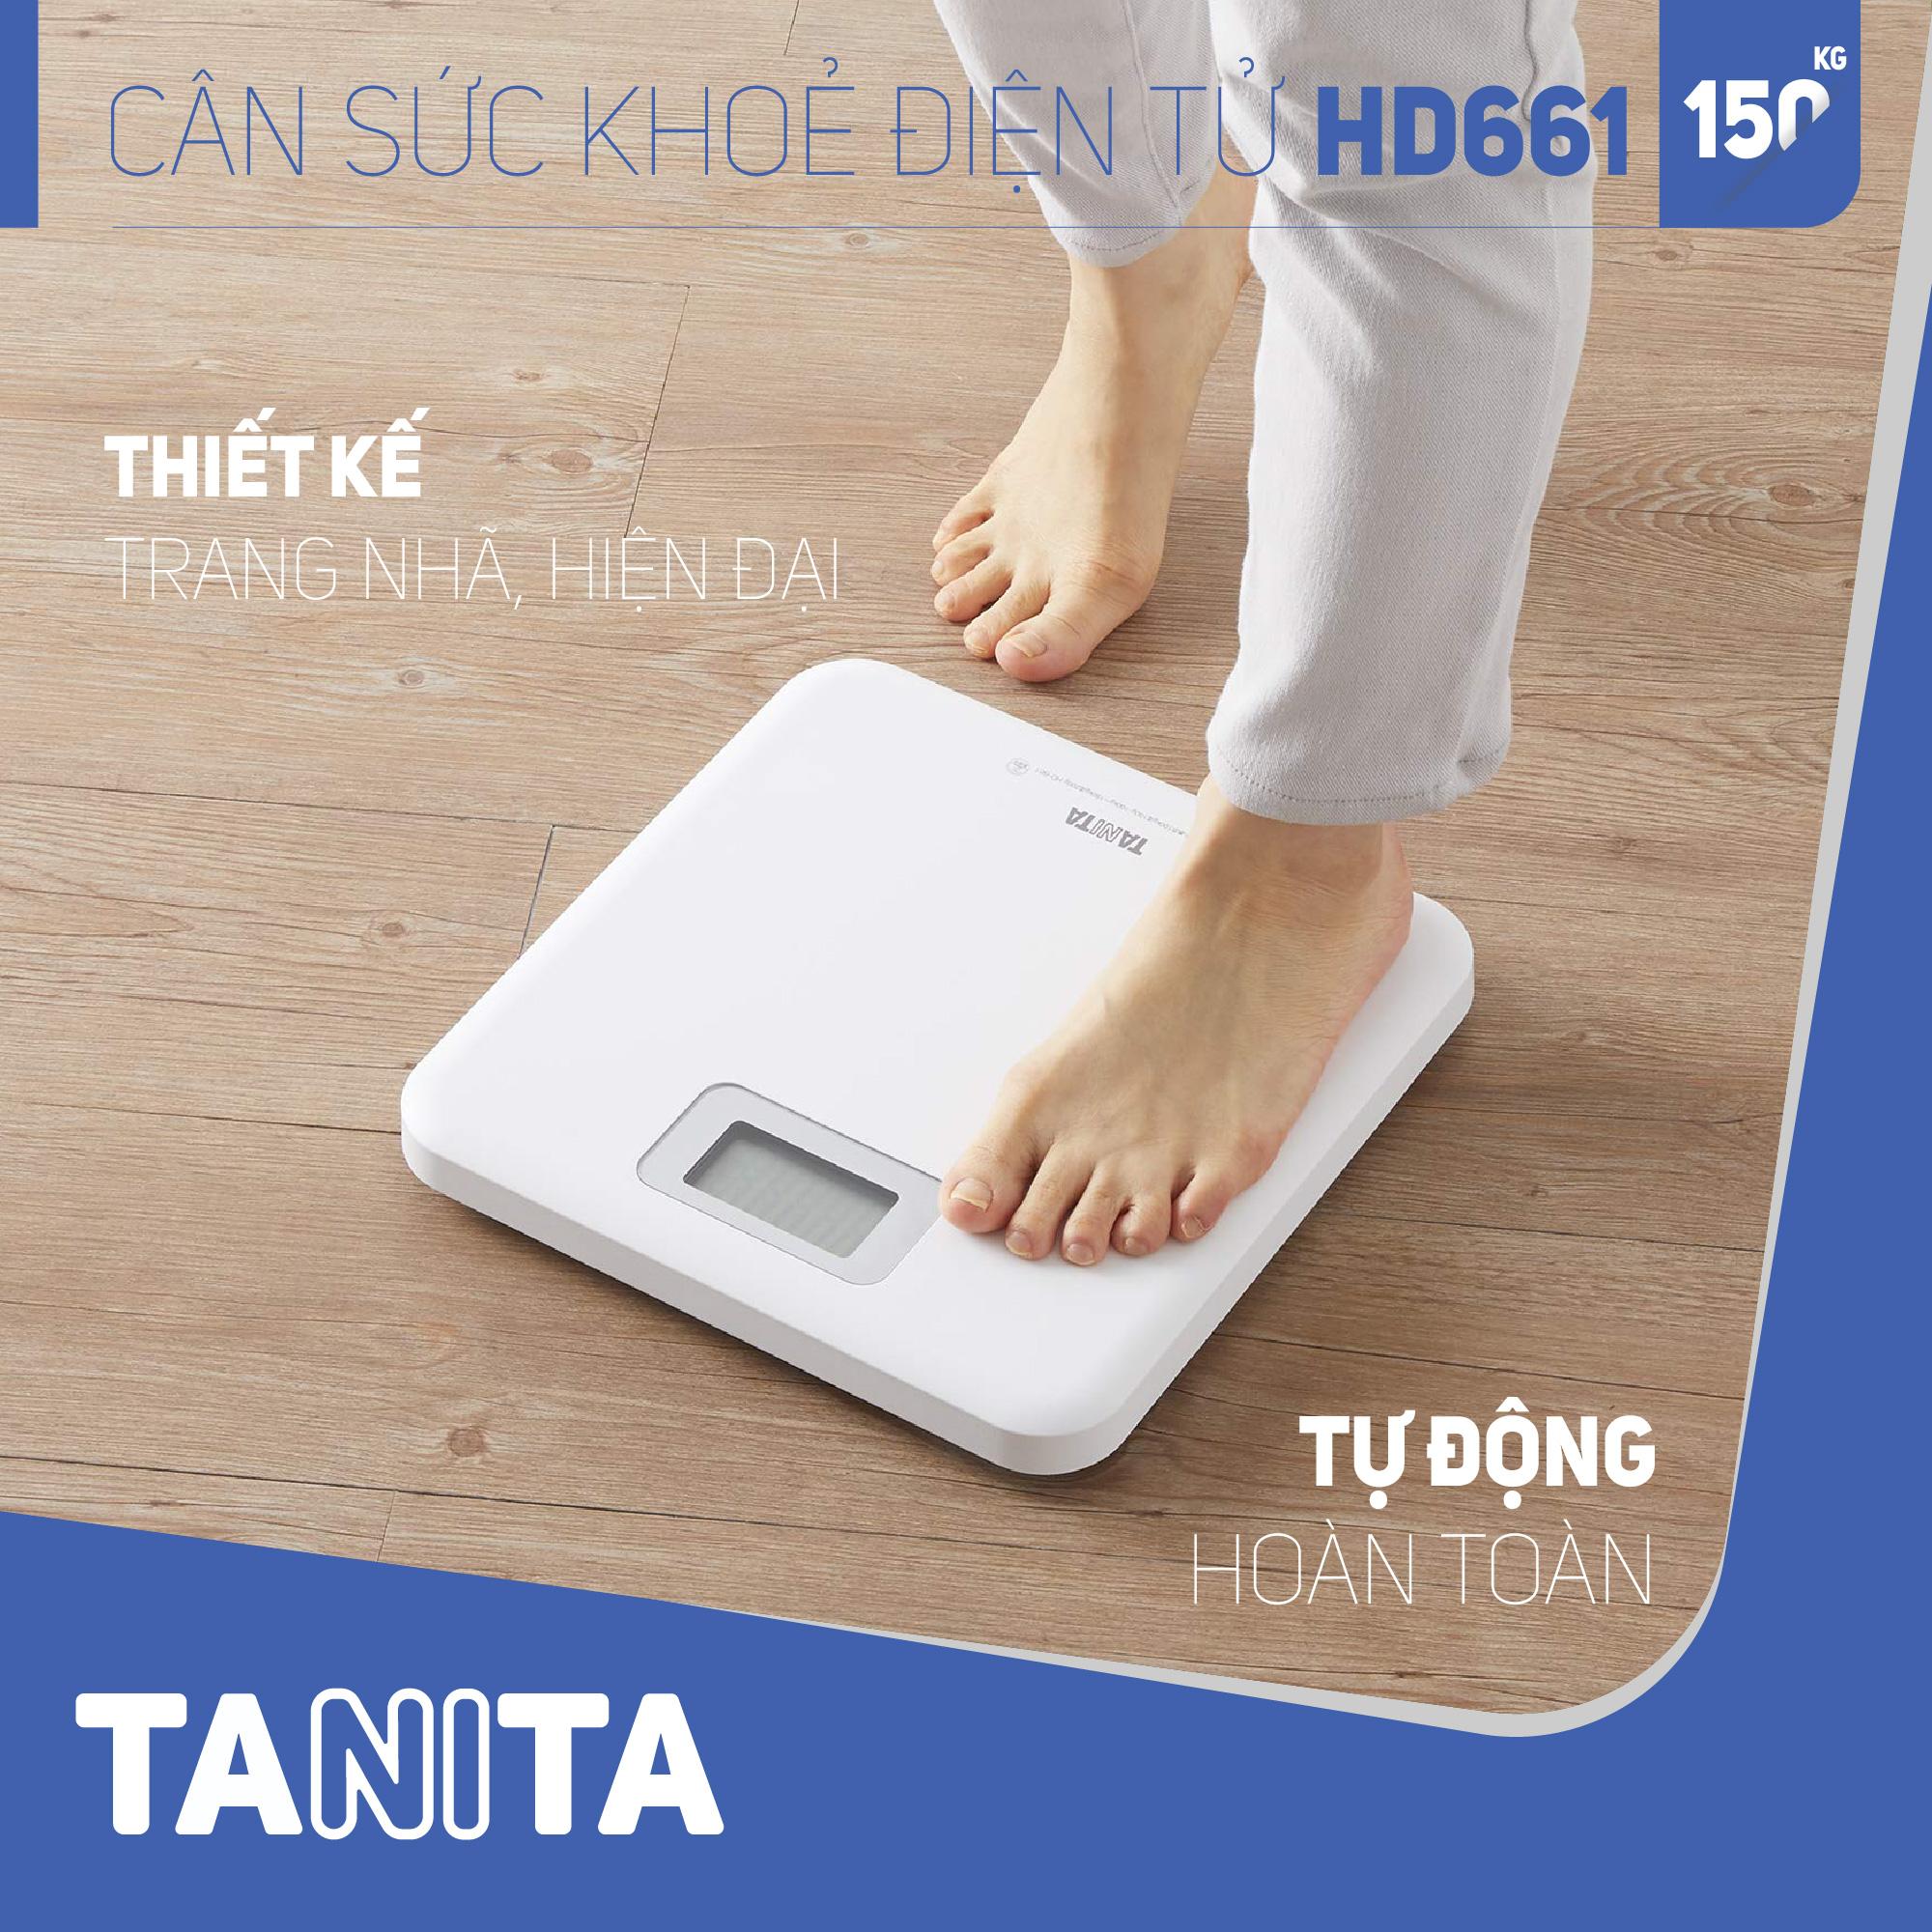 Cân sức khỏe điện tử Tanita HD661 Màu Trắng, Nhật Bản Tanita,chính hãng nhật bản,cân điện tử,cân chính hãng,cân nhật,cân sức khoẻ y tế,cân sức khoẻ gia đình,cân sức khoẻ cao cấp,120kg,130kg,150kg,Cân phân tích chỉ số cơ thể,Cân sức khoẻ mini,cân tanita